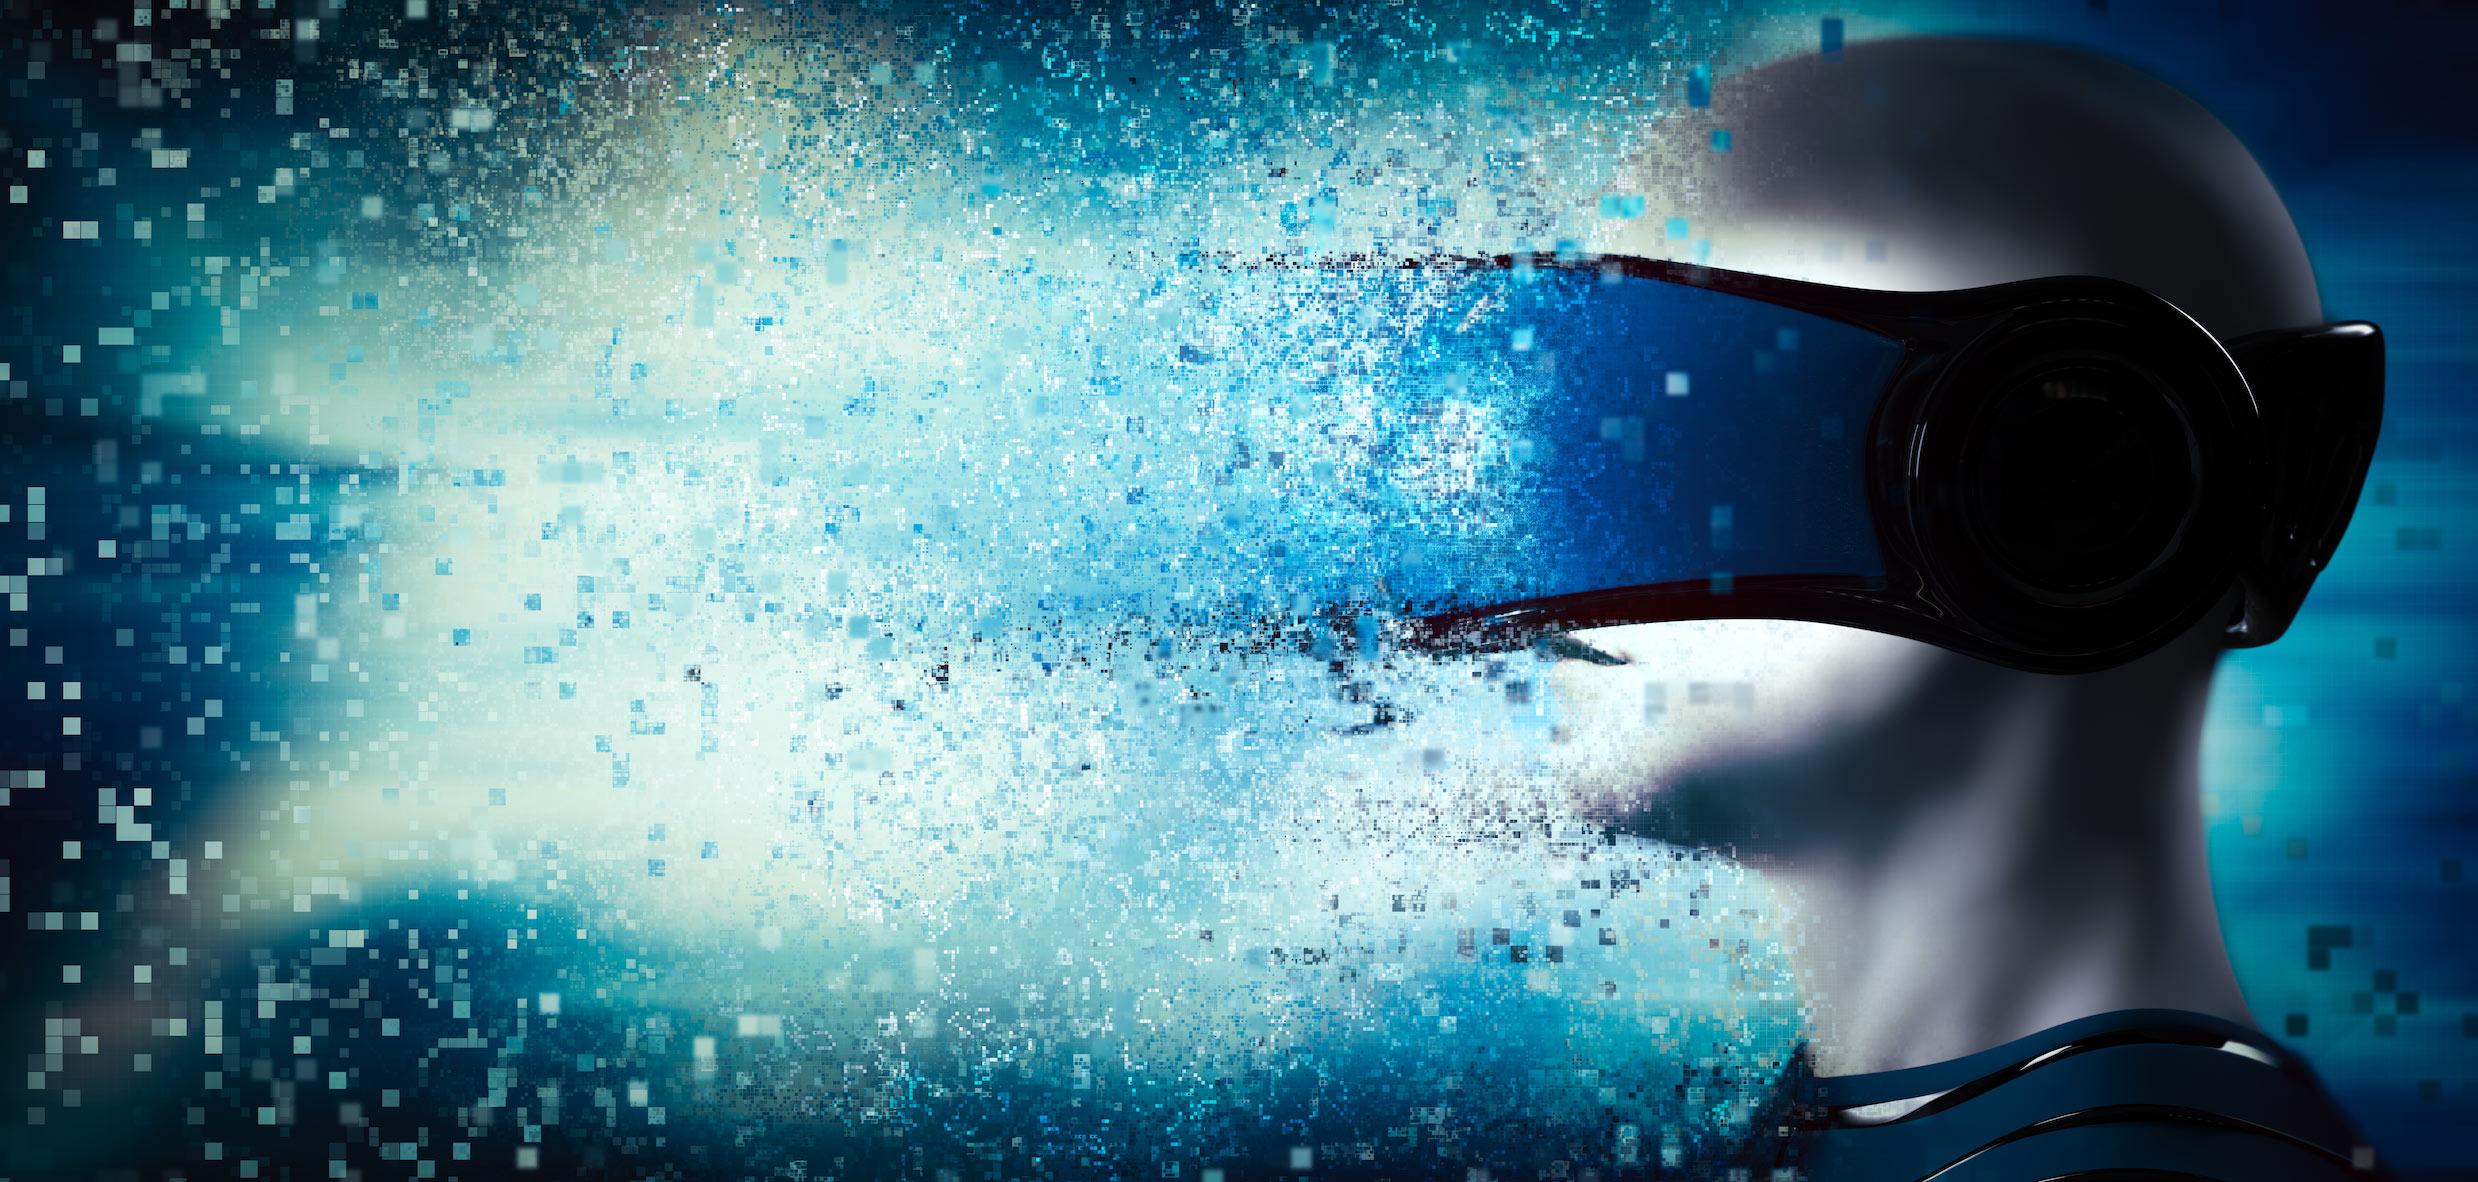 Realtà-Virtuale_F8_pillola-blu_Pillola-rossa